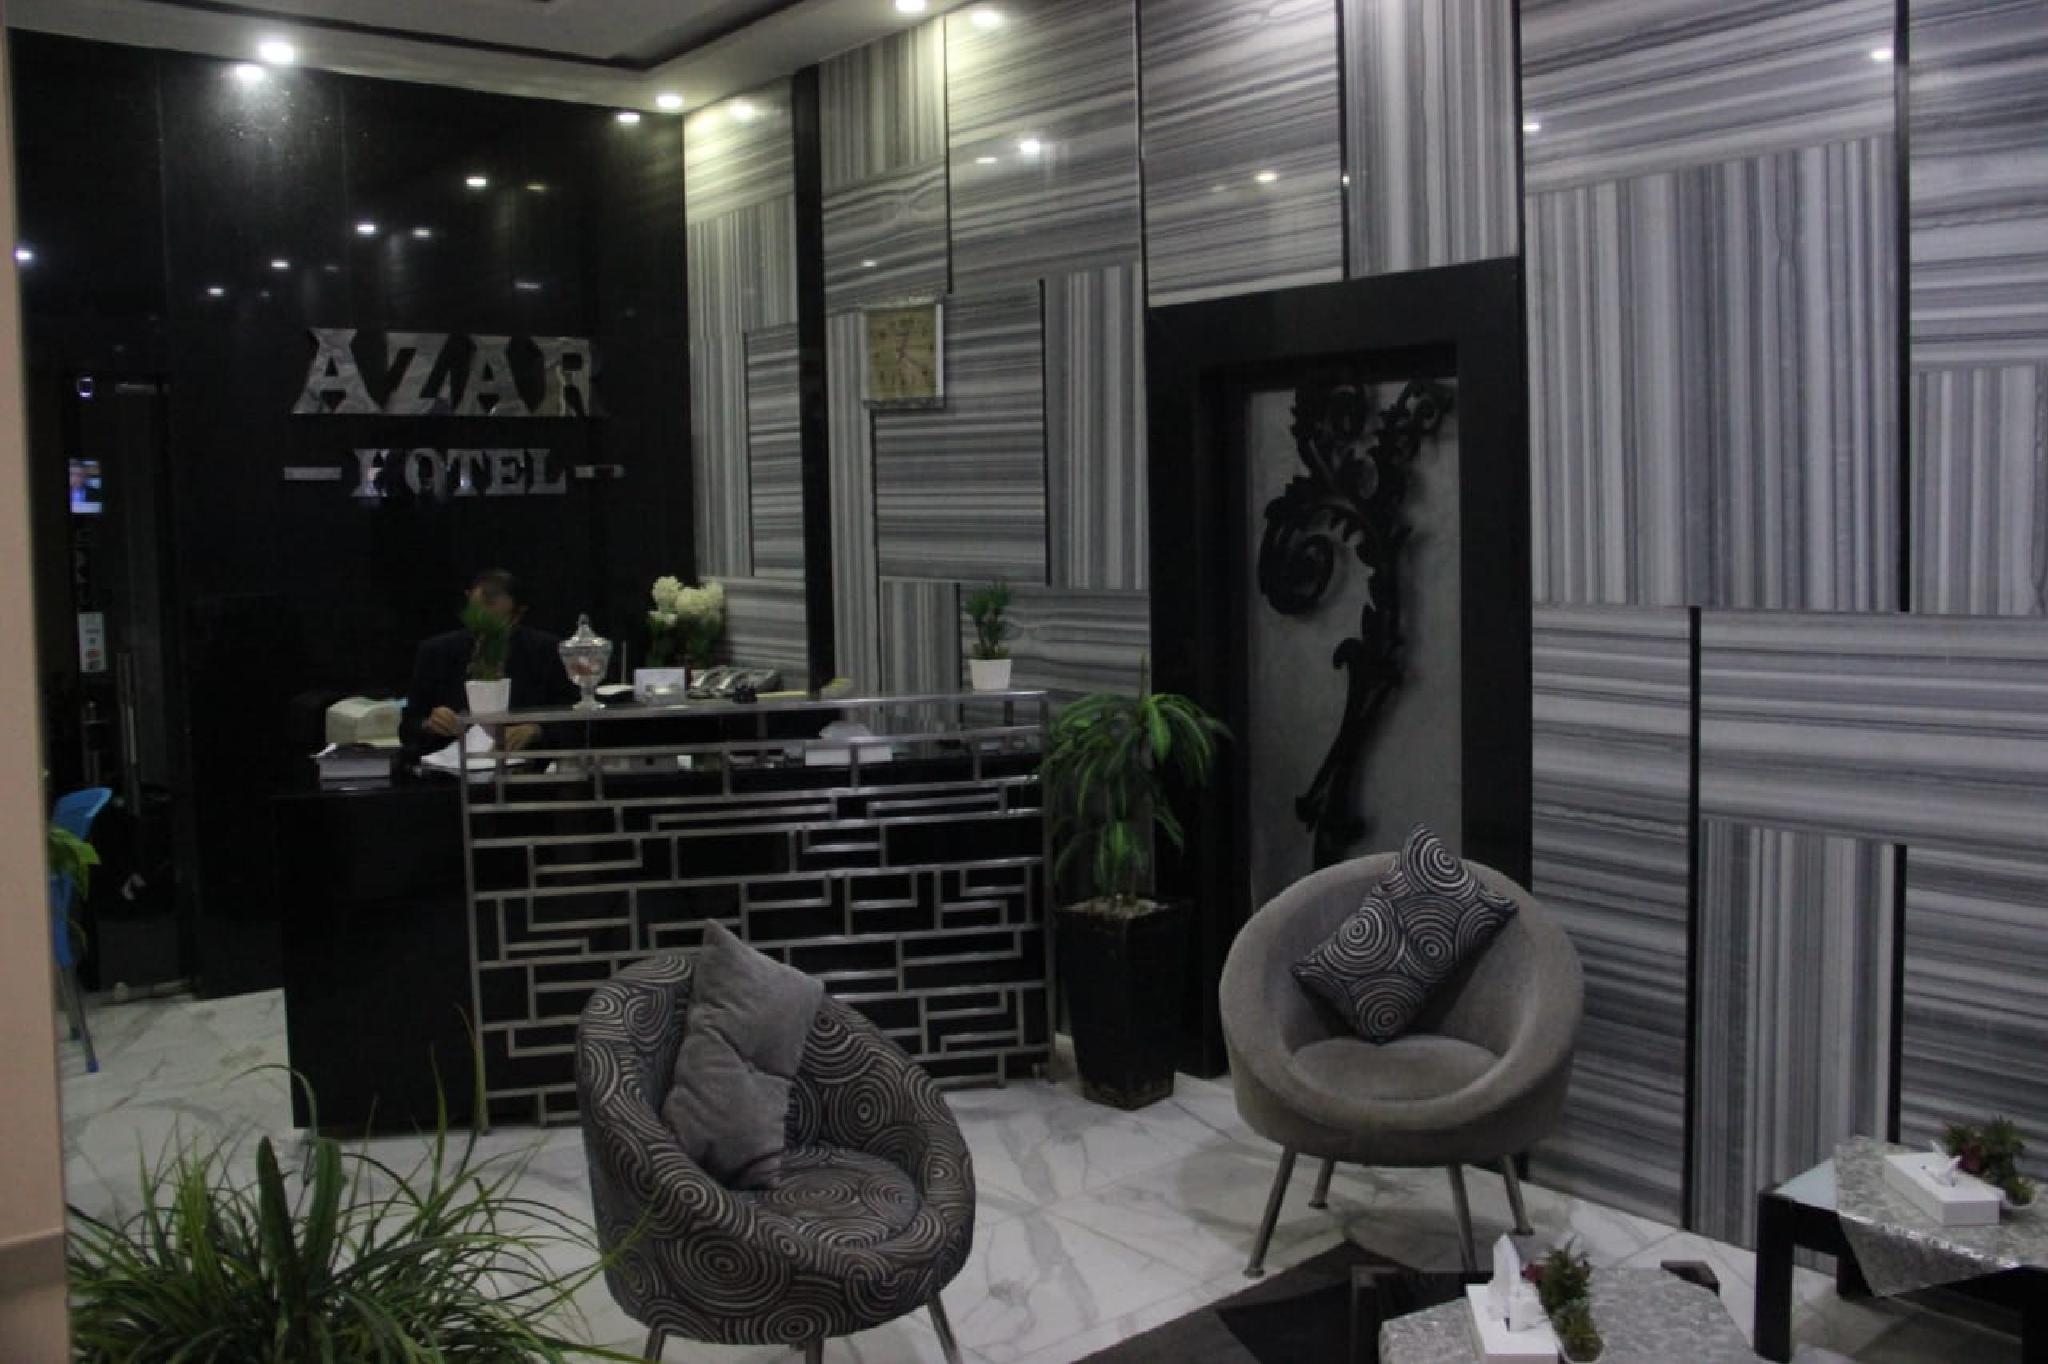 Azar Boutique Hotel